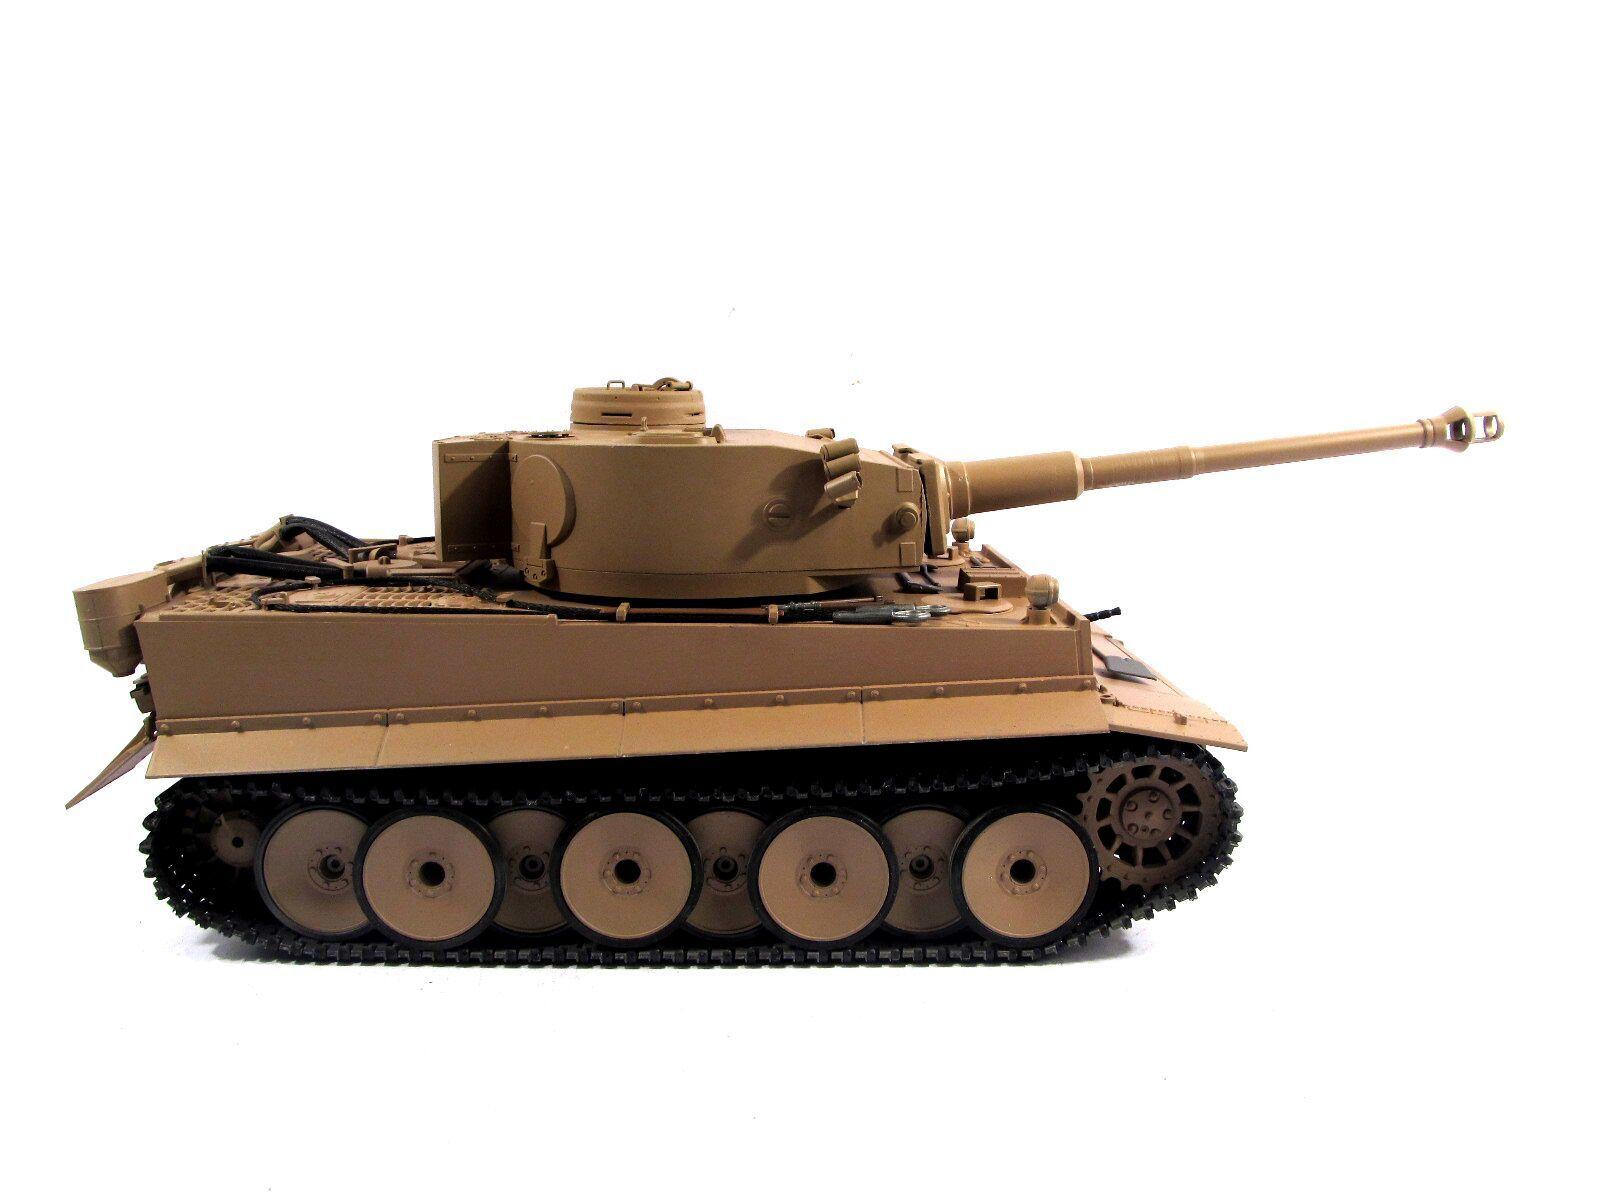 Mato 1 16 tutti  Metal Geruomo Tiger I RC Tank KIT Infrarosso gituttio Coloree modello 1220  qualità di prima classe